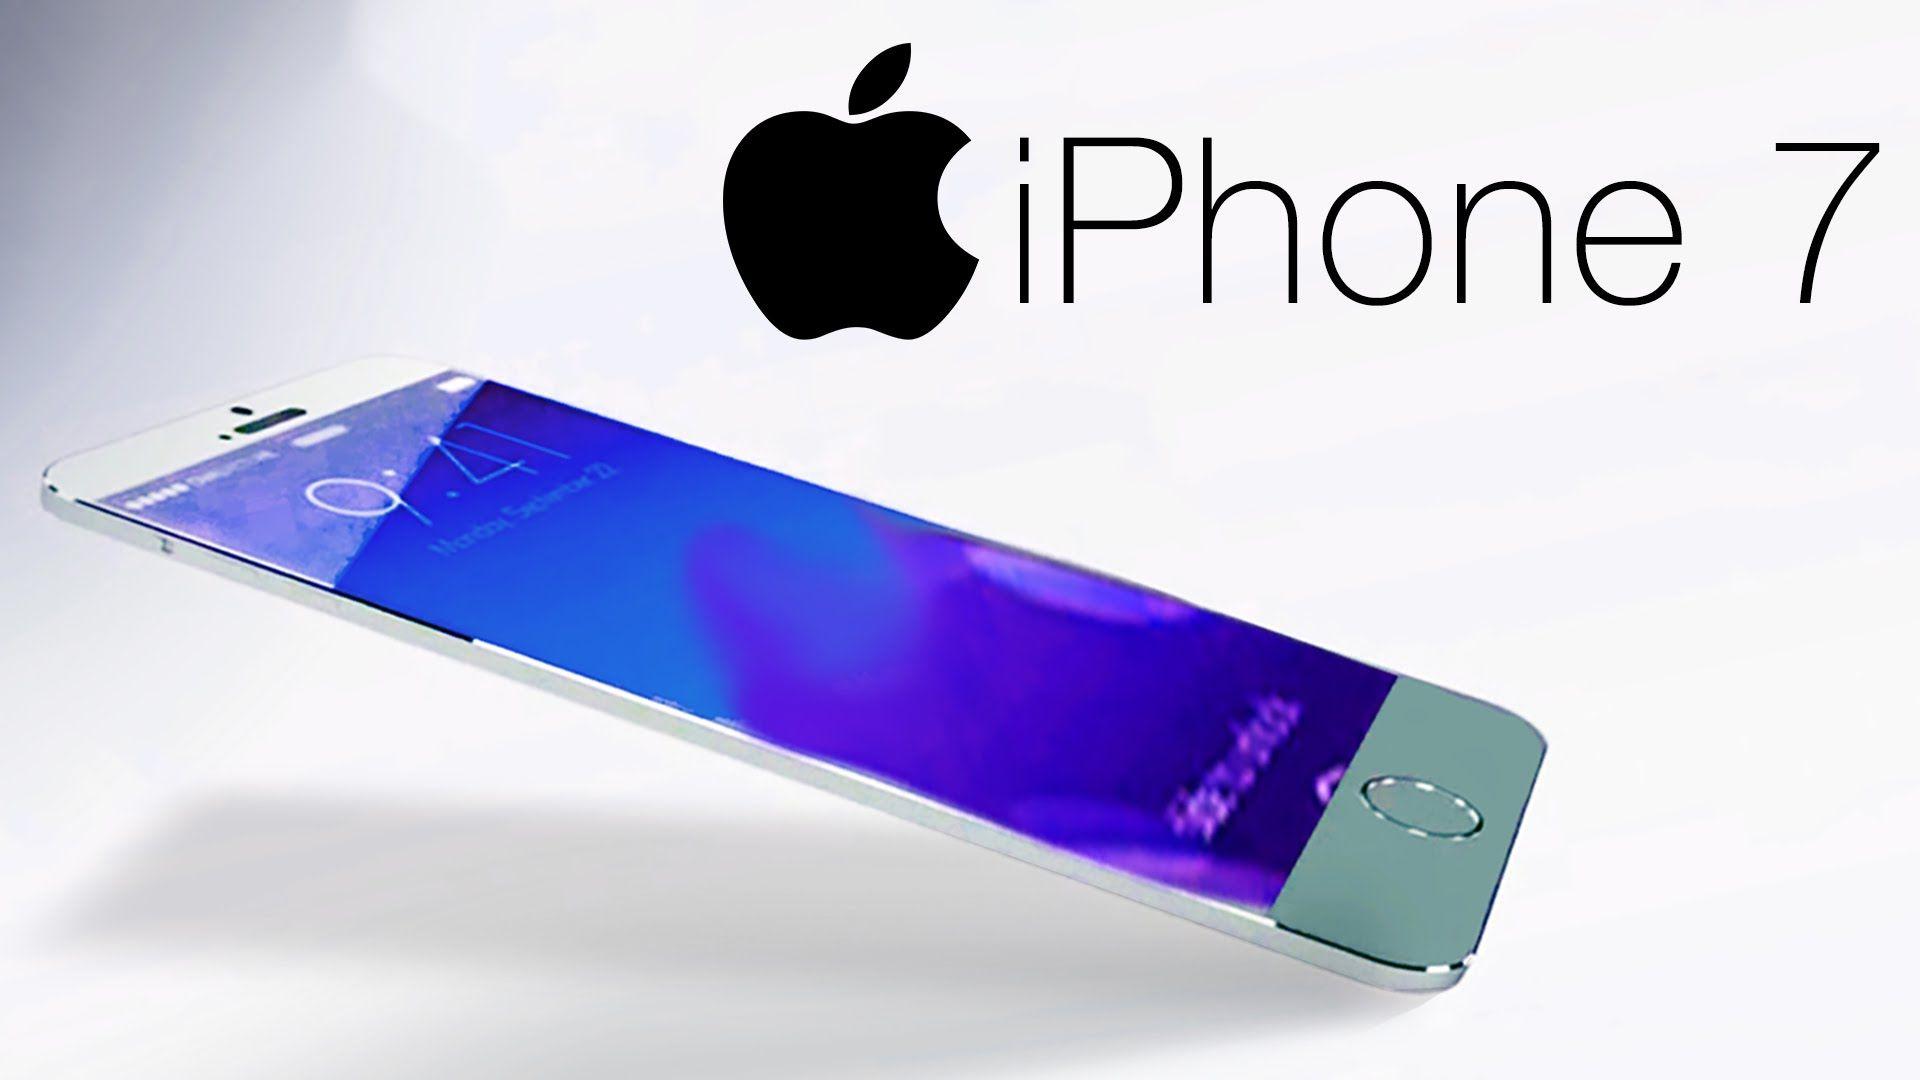 iPhone 7 ed iPhone 7 Plus: gli ultimissimi rumors su prezzi e scheda